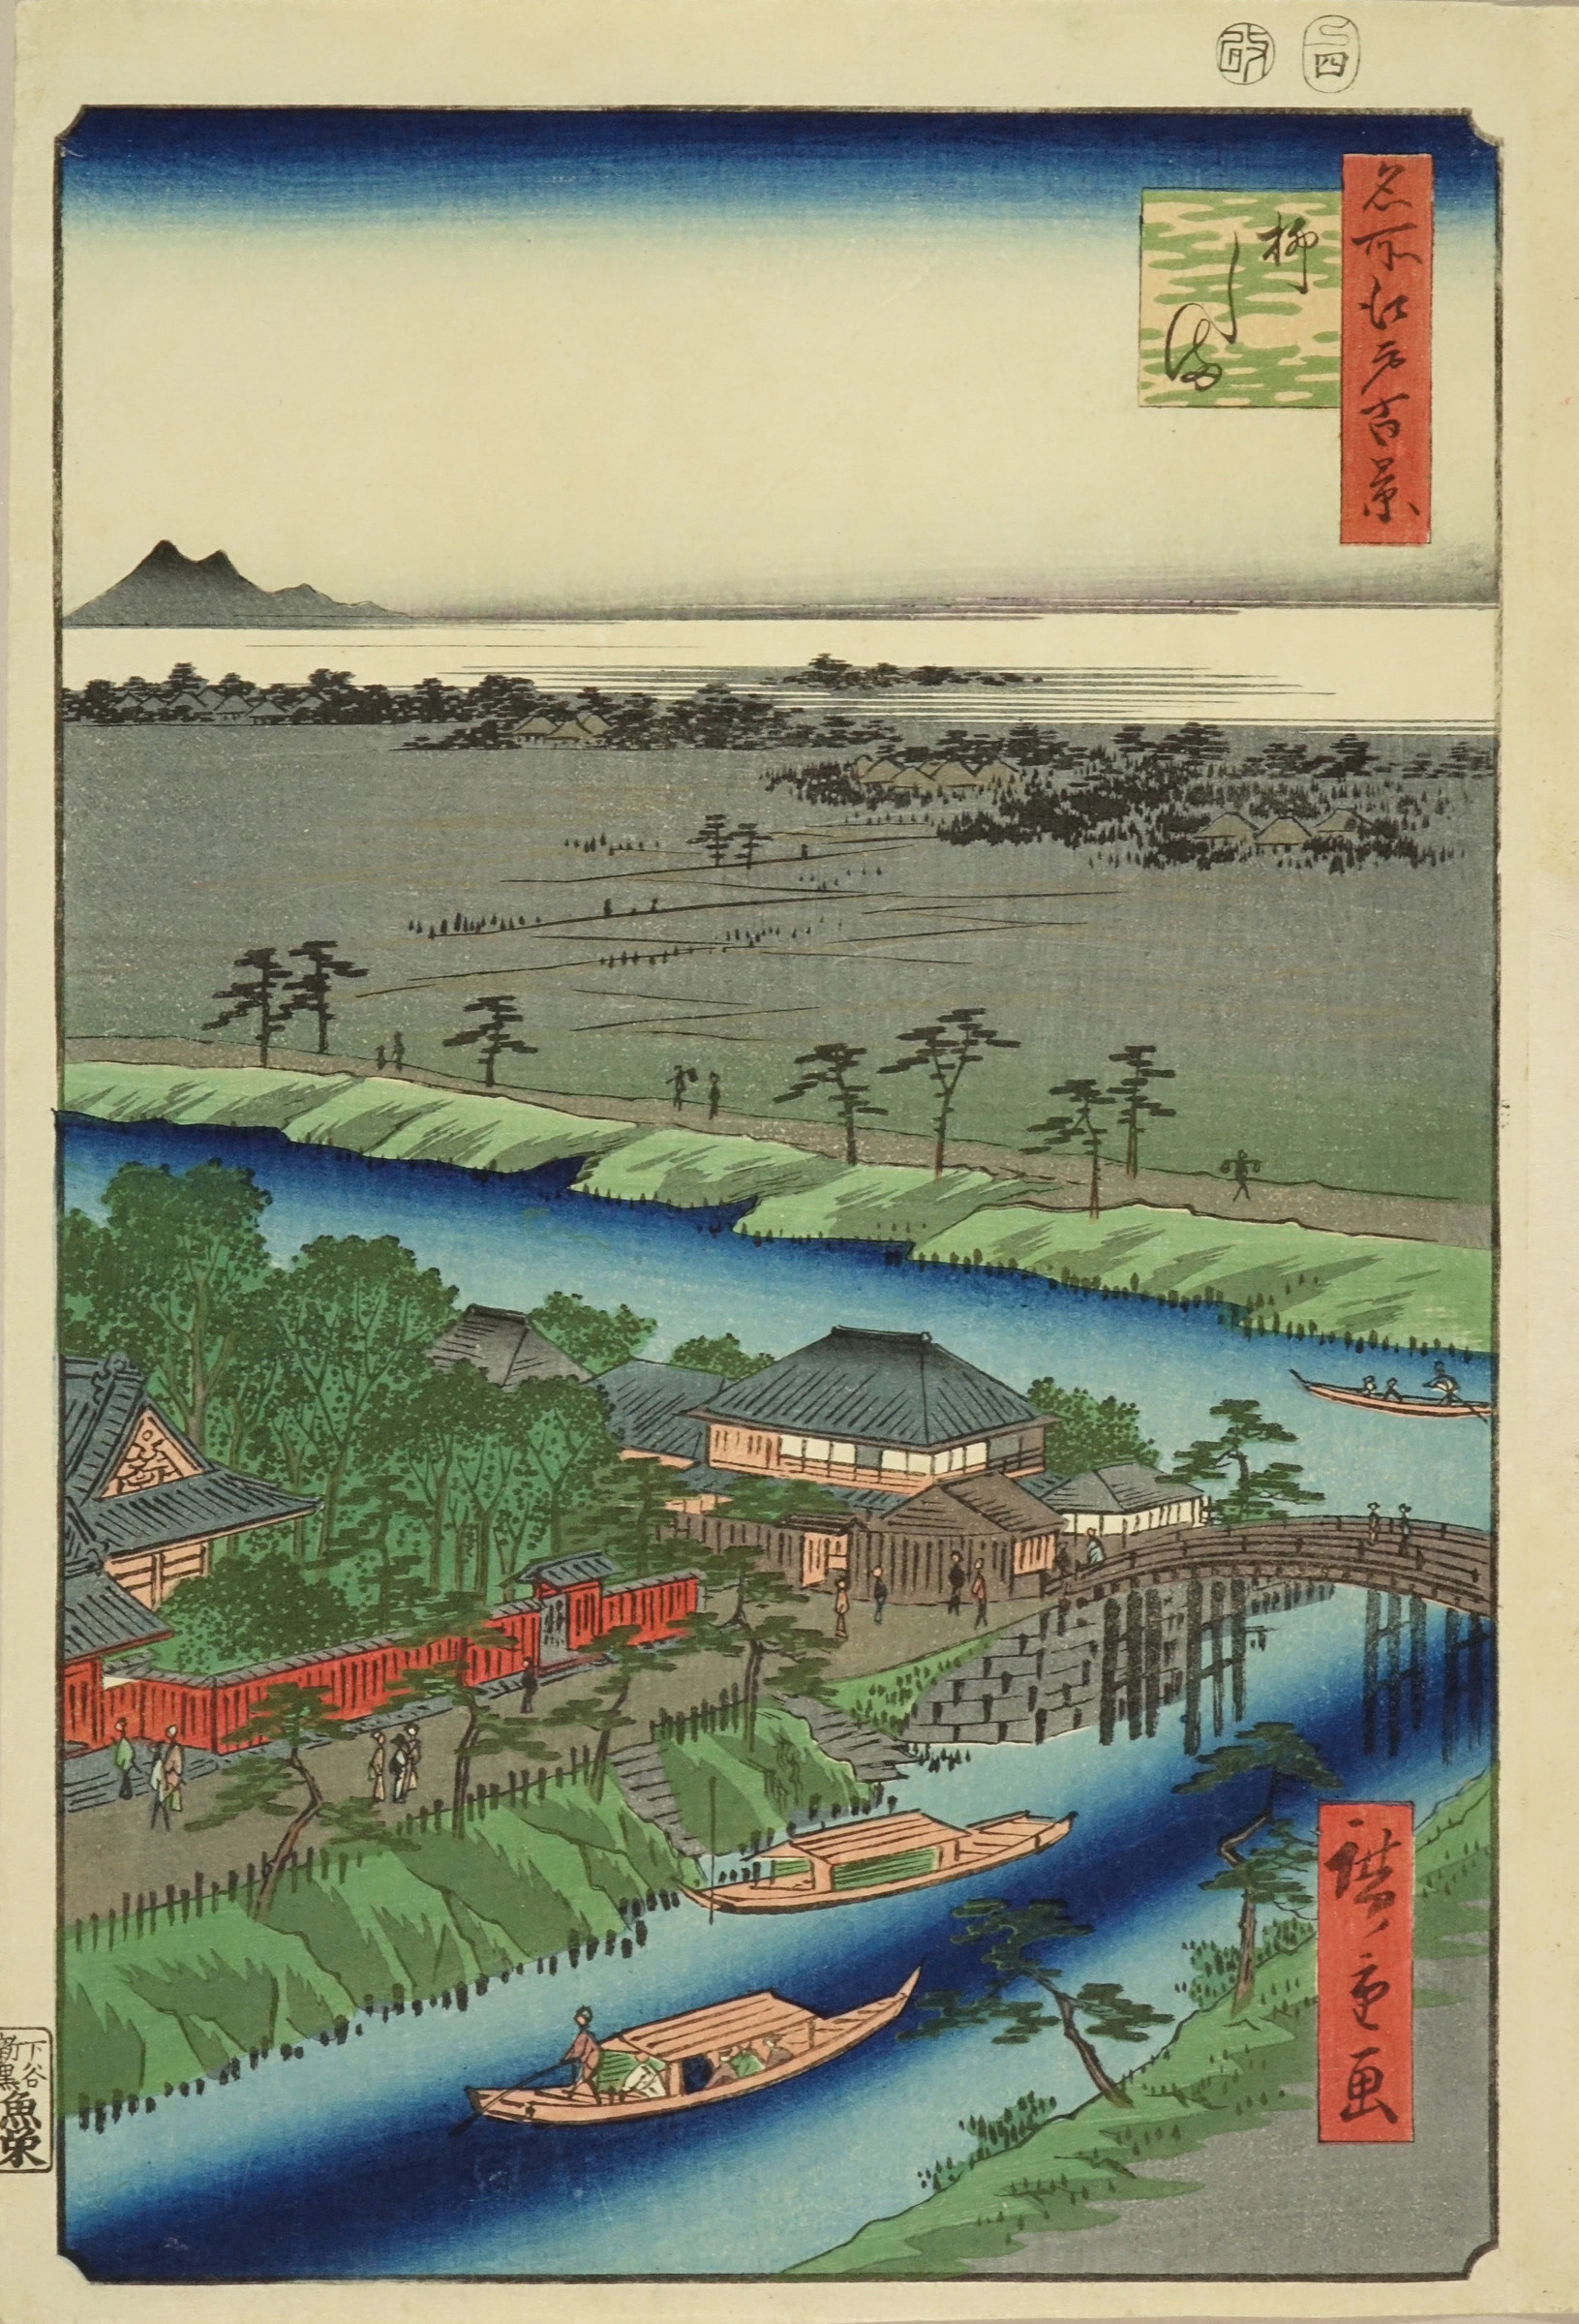 HIROSHIGE Yanagishima, from <i>Meisho Edo hyakkei</i> (One hundred views of famous places of Edo)